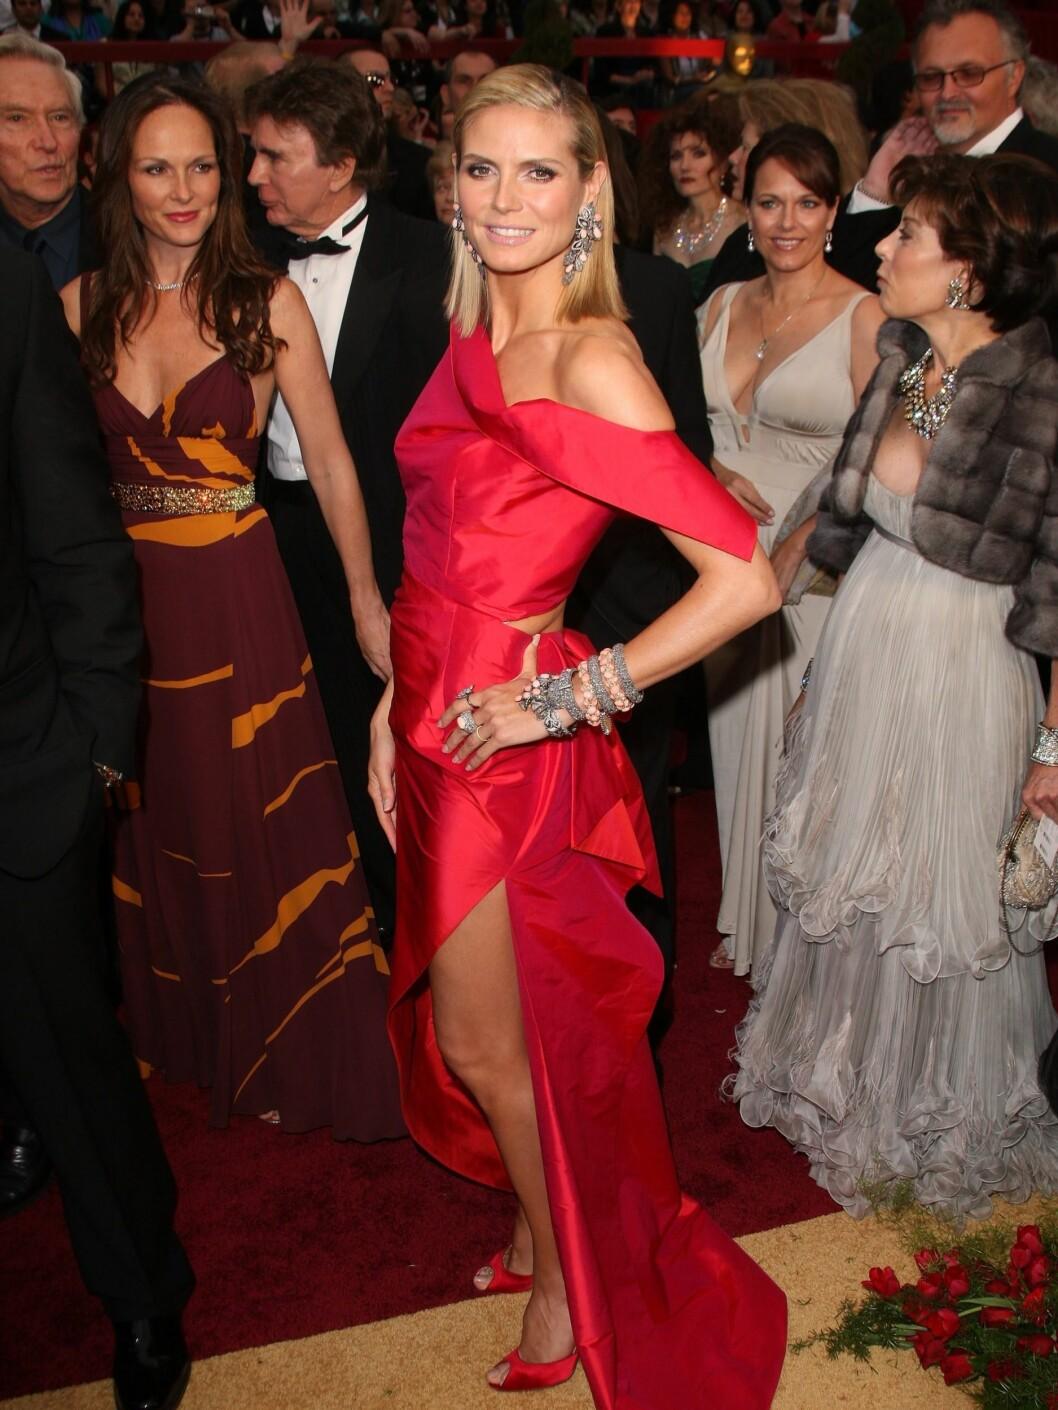 RØDT BLIKKFANG: Supermodell Heidi Klum så sylslank ut i sin Roland Mouret-kjole på Oscar-festen.  Foto: All Over Press